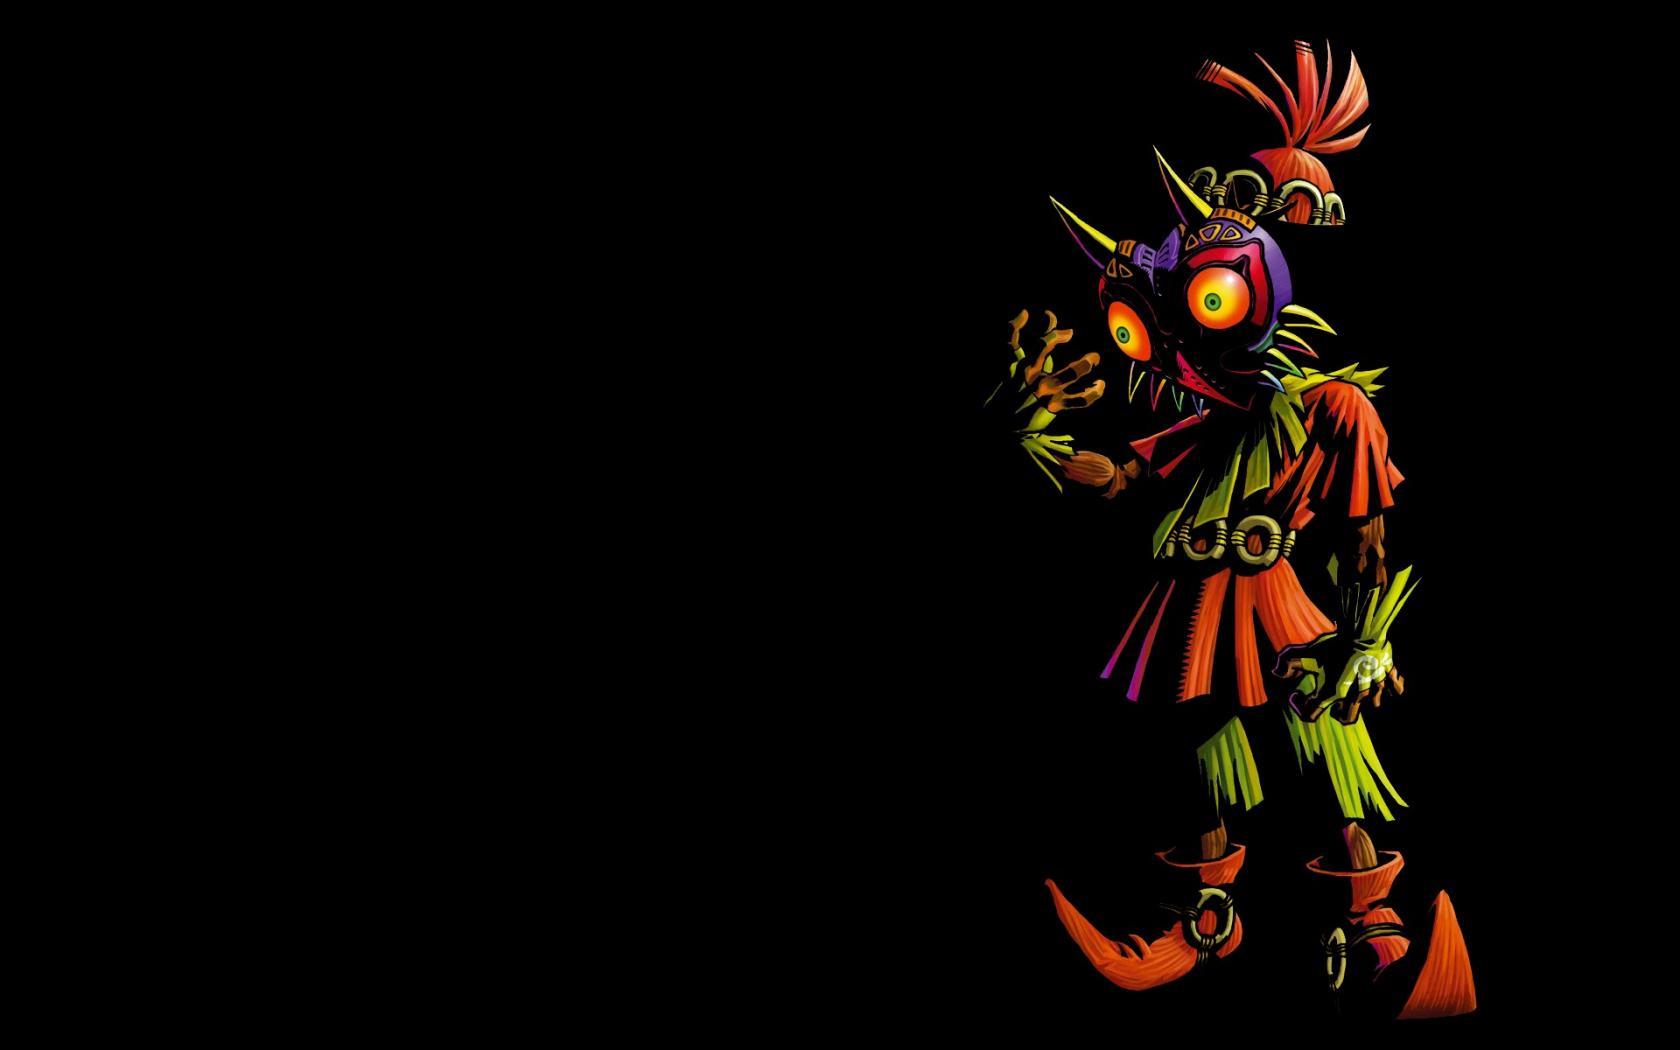 Zelda Majora's Mask Wallpaper - WallpaperSafari